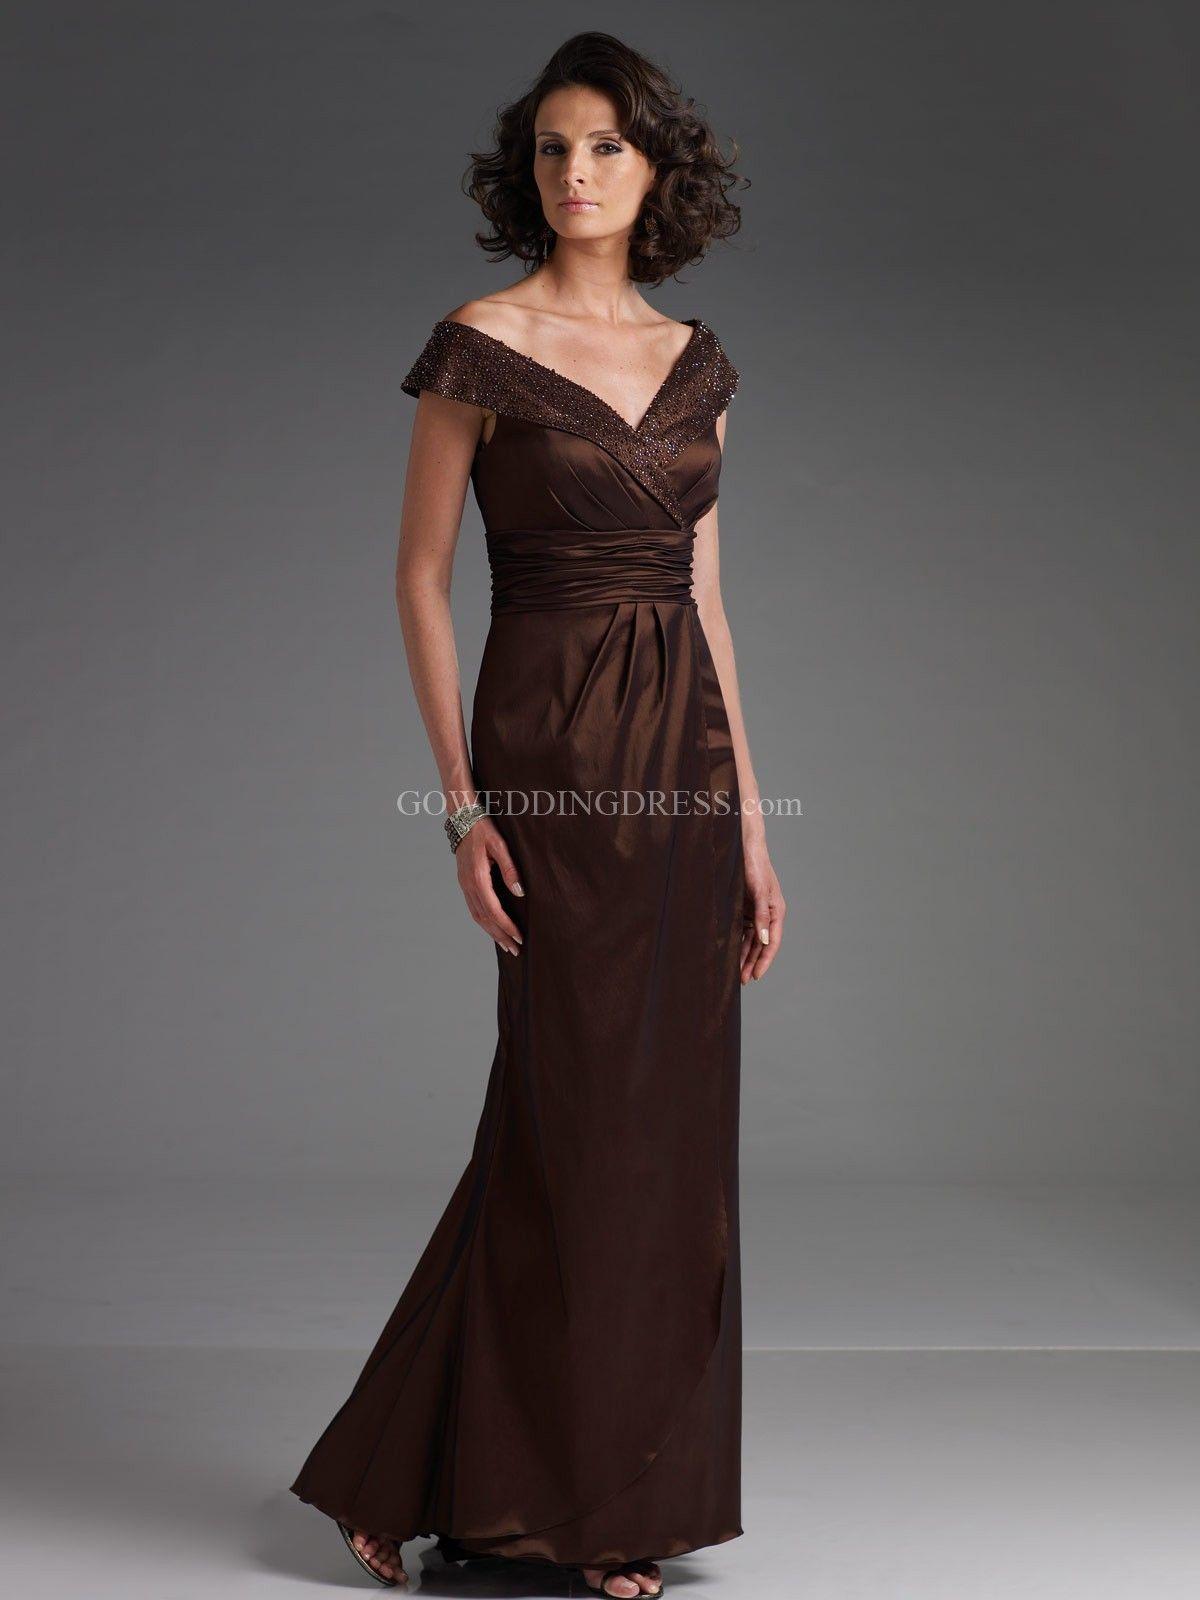 Stretch taffeta evening dresses